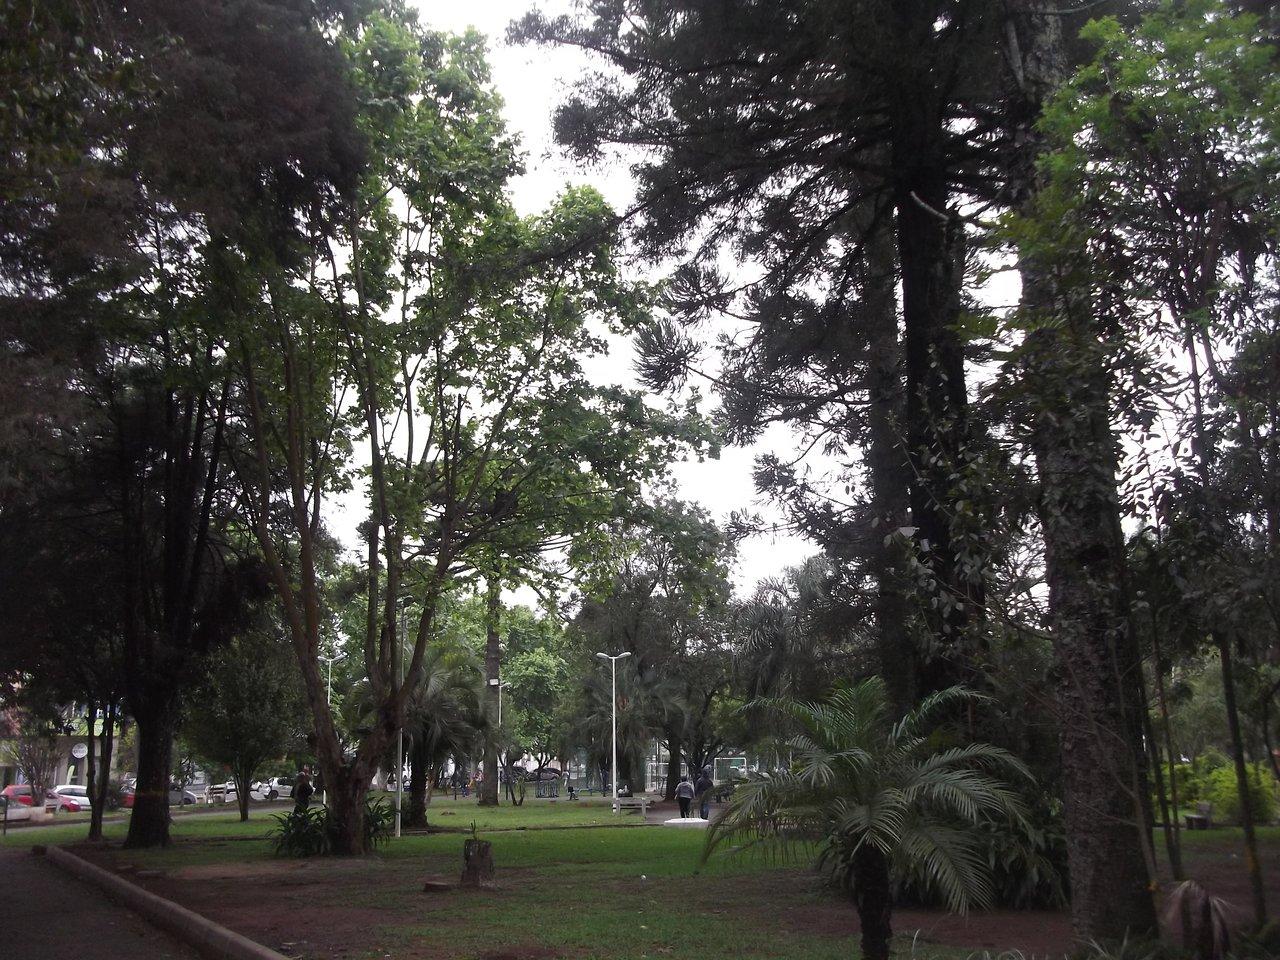 Canoinhas Santa Catarina fonte: media-cdn.tripadvisor.com